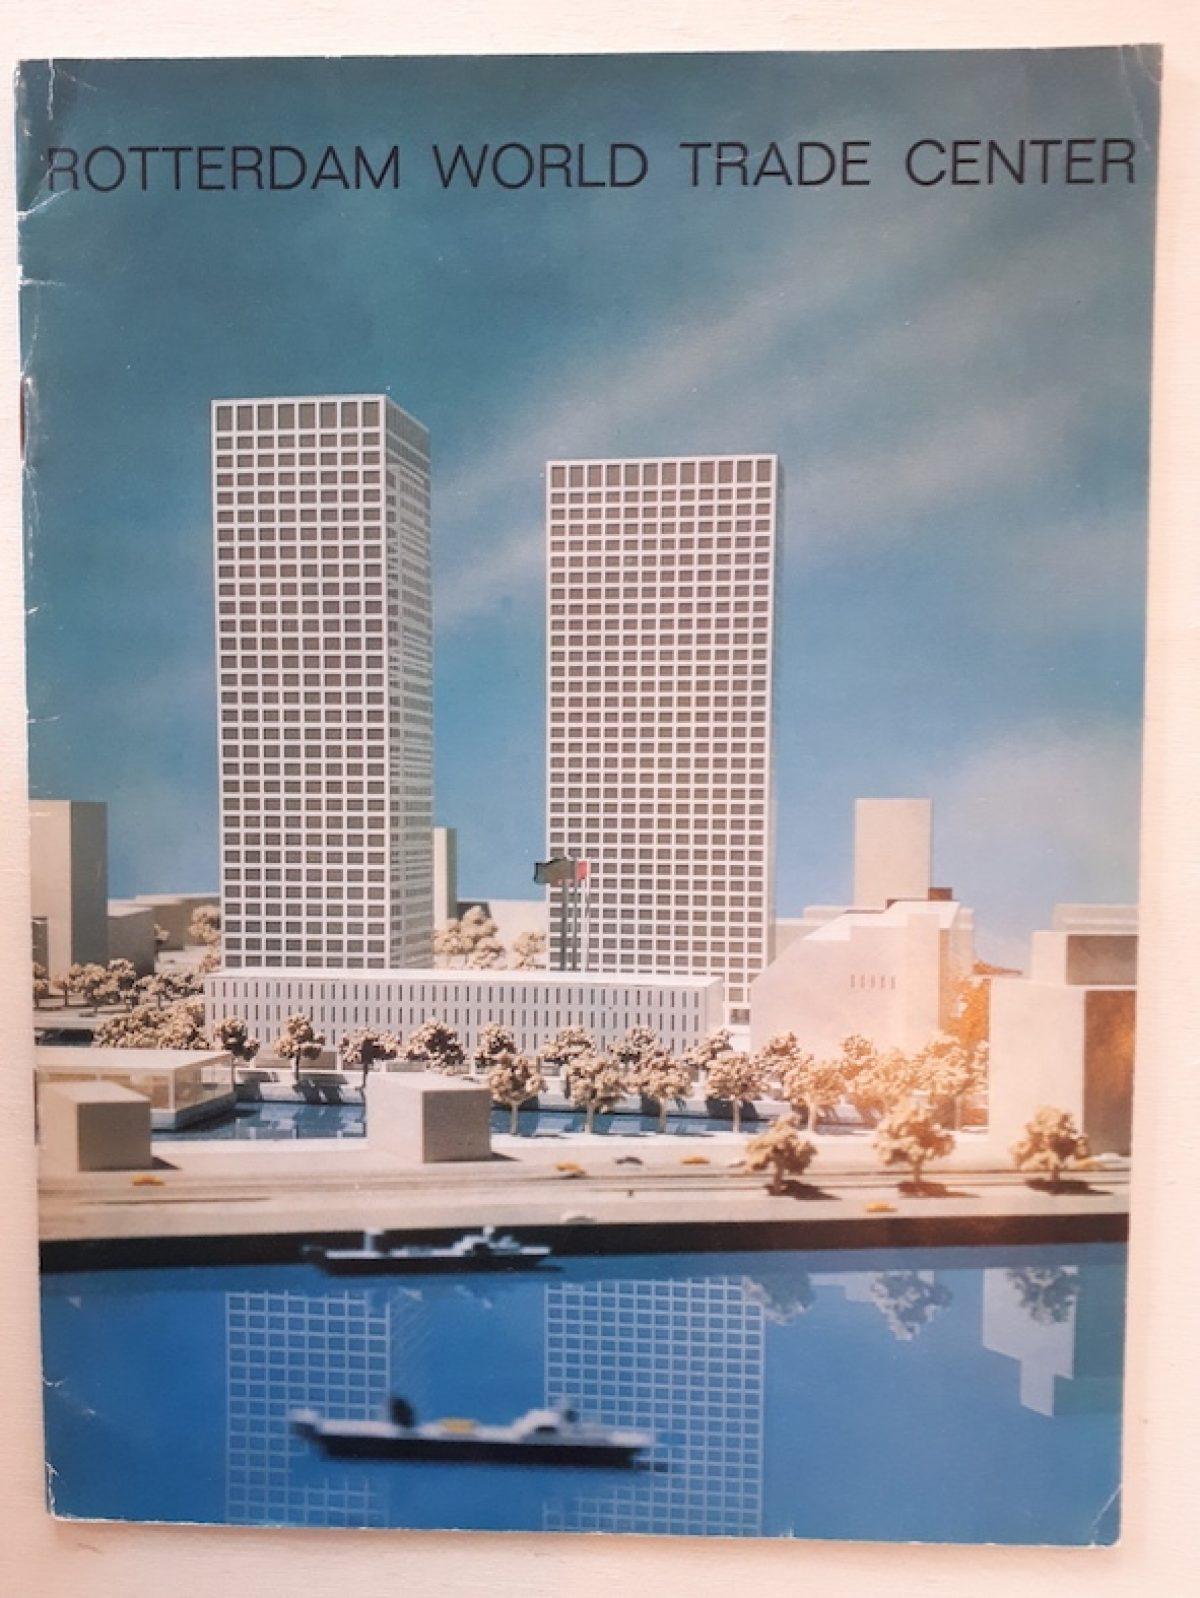 Jv Teeffelen World Trade Center small